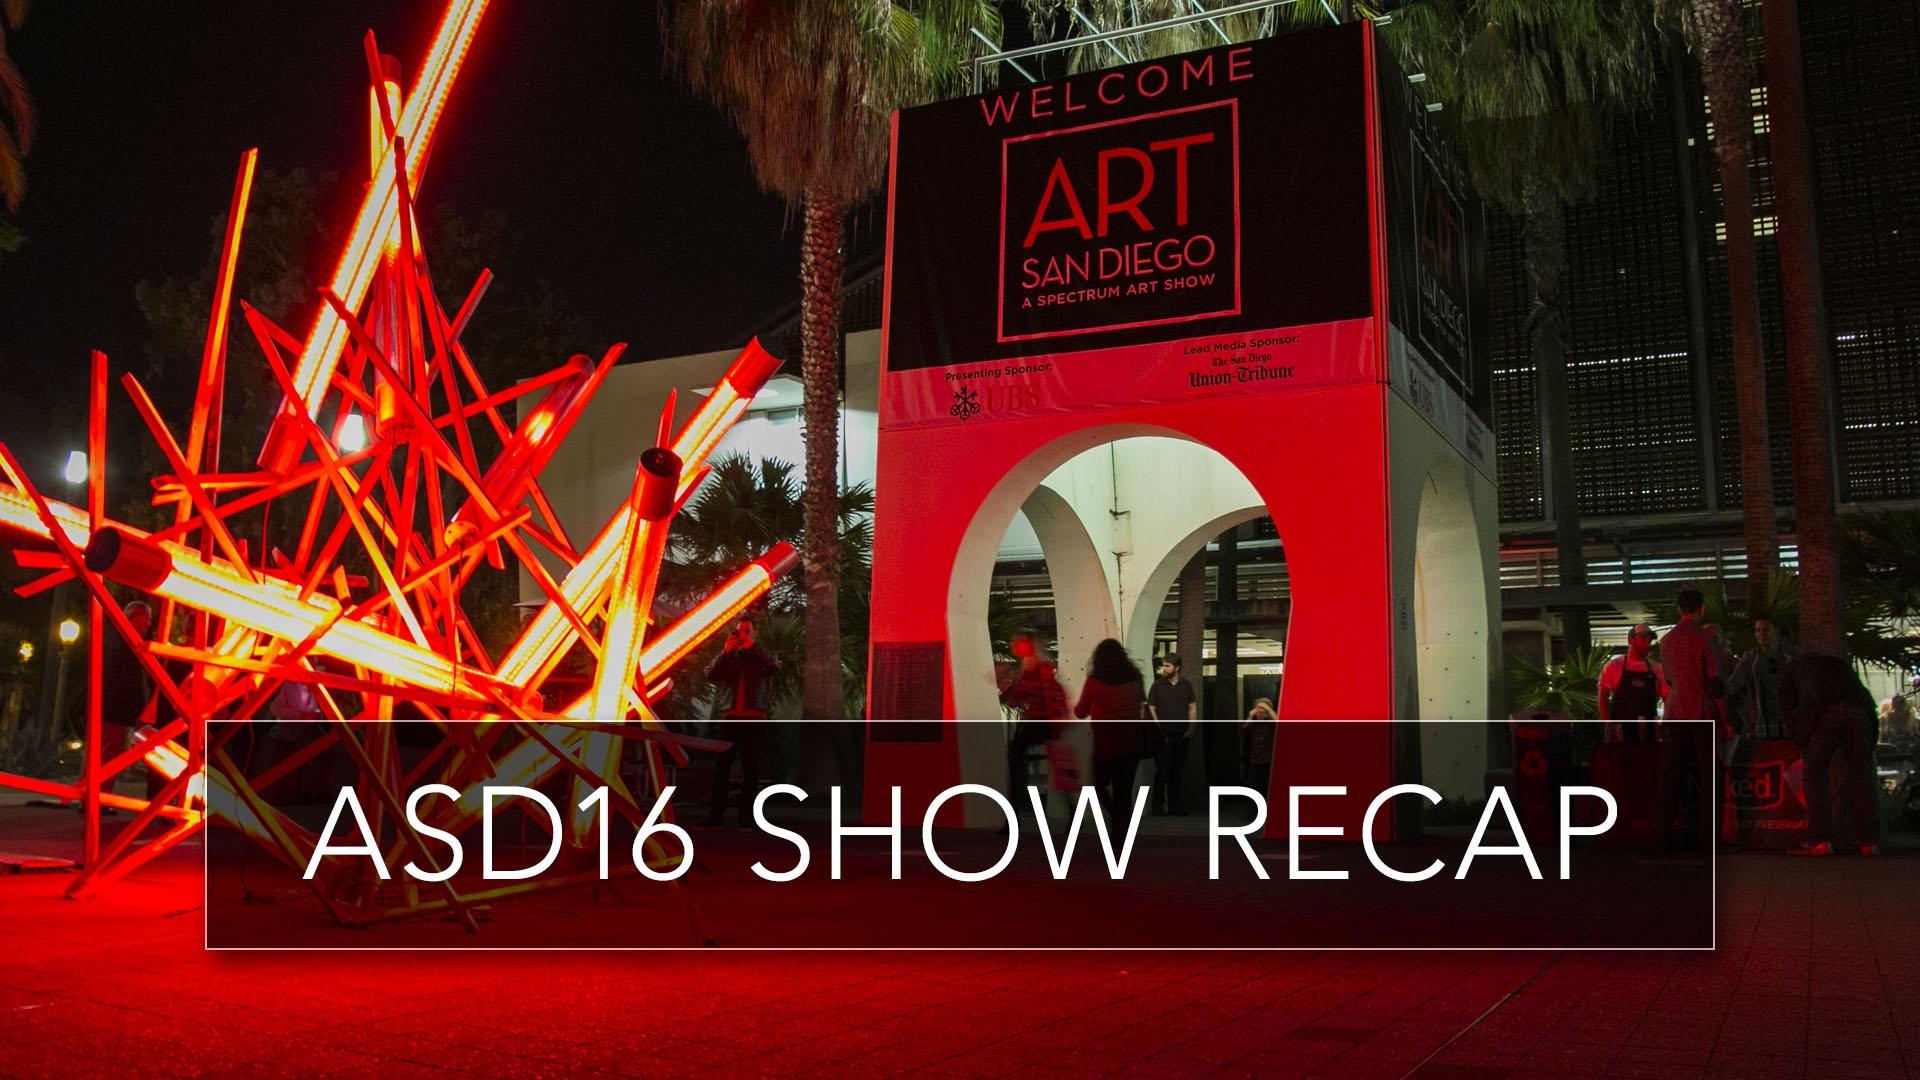 ASD16 Show Recap